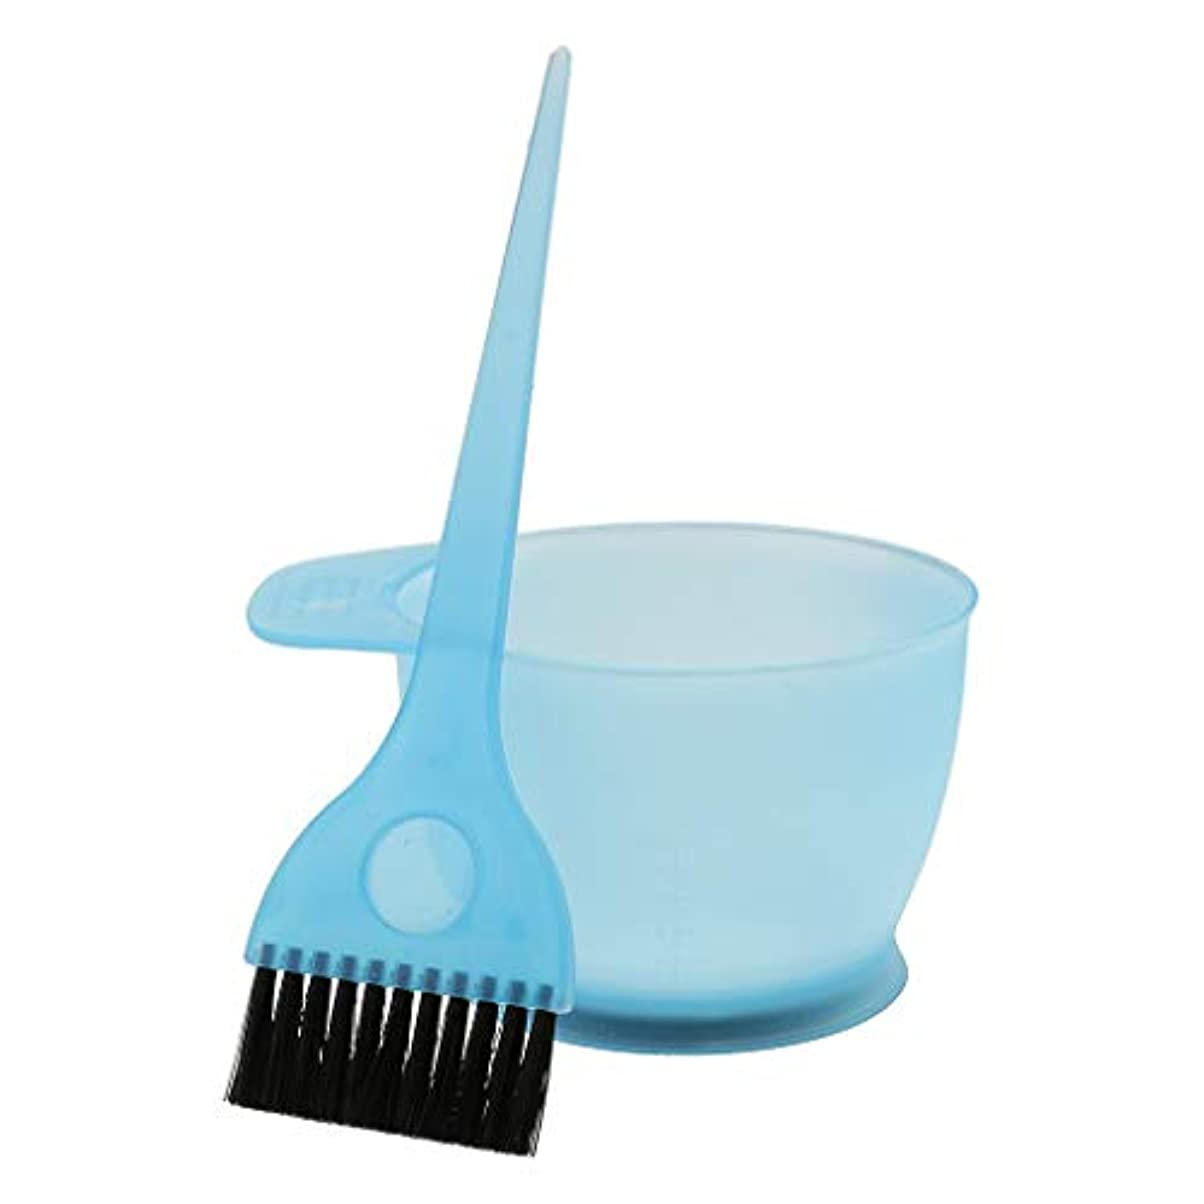 特別な繕う思い出髪の色合い染料着色ツールのためのサロン髪色染料ボウル櫛ブラシセットスーツ (ブルー)